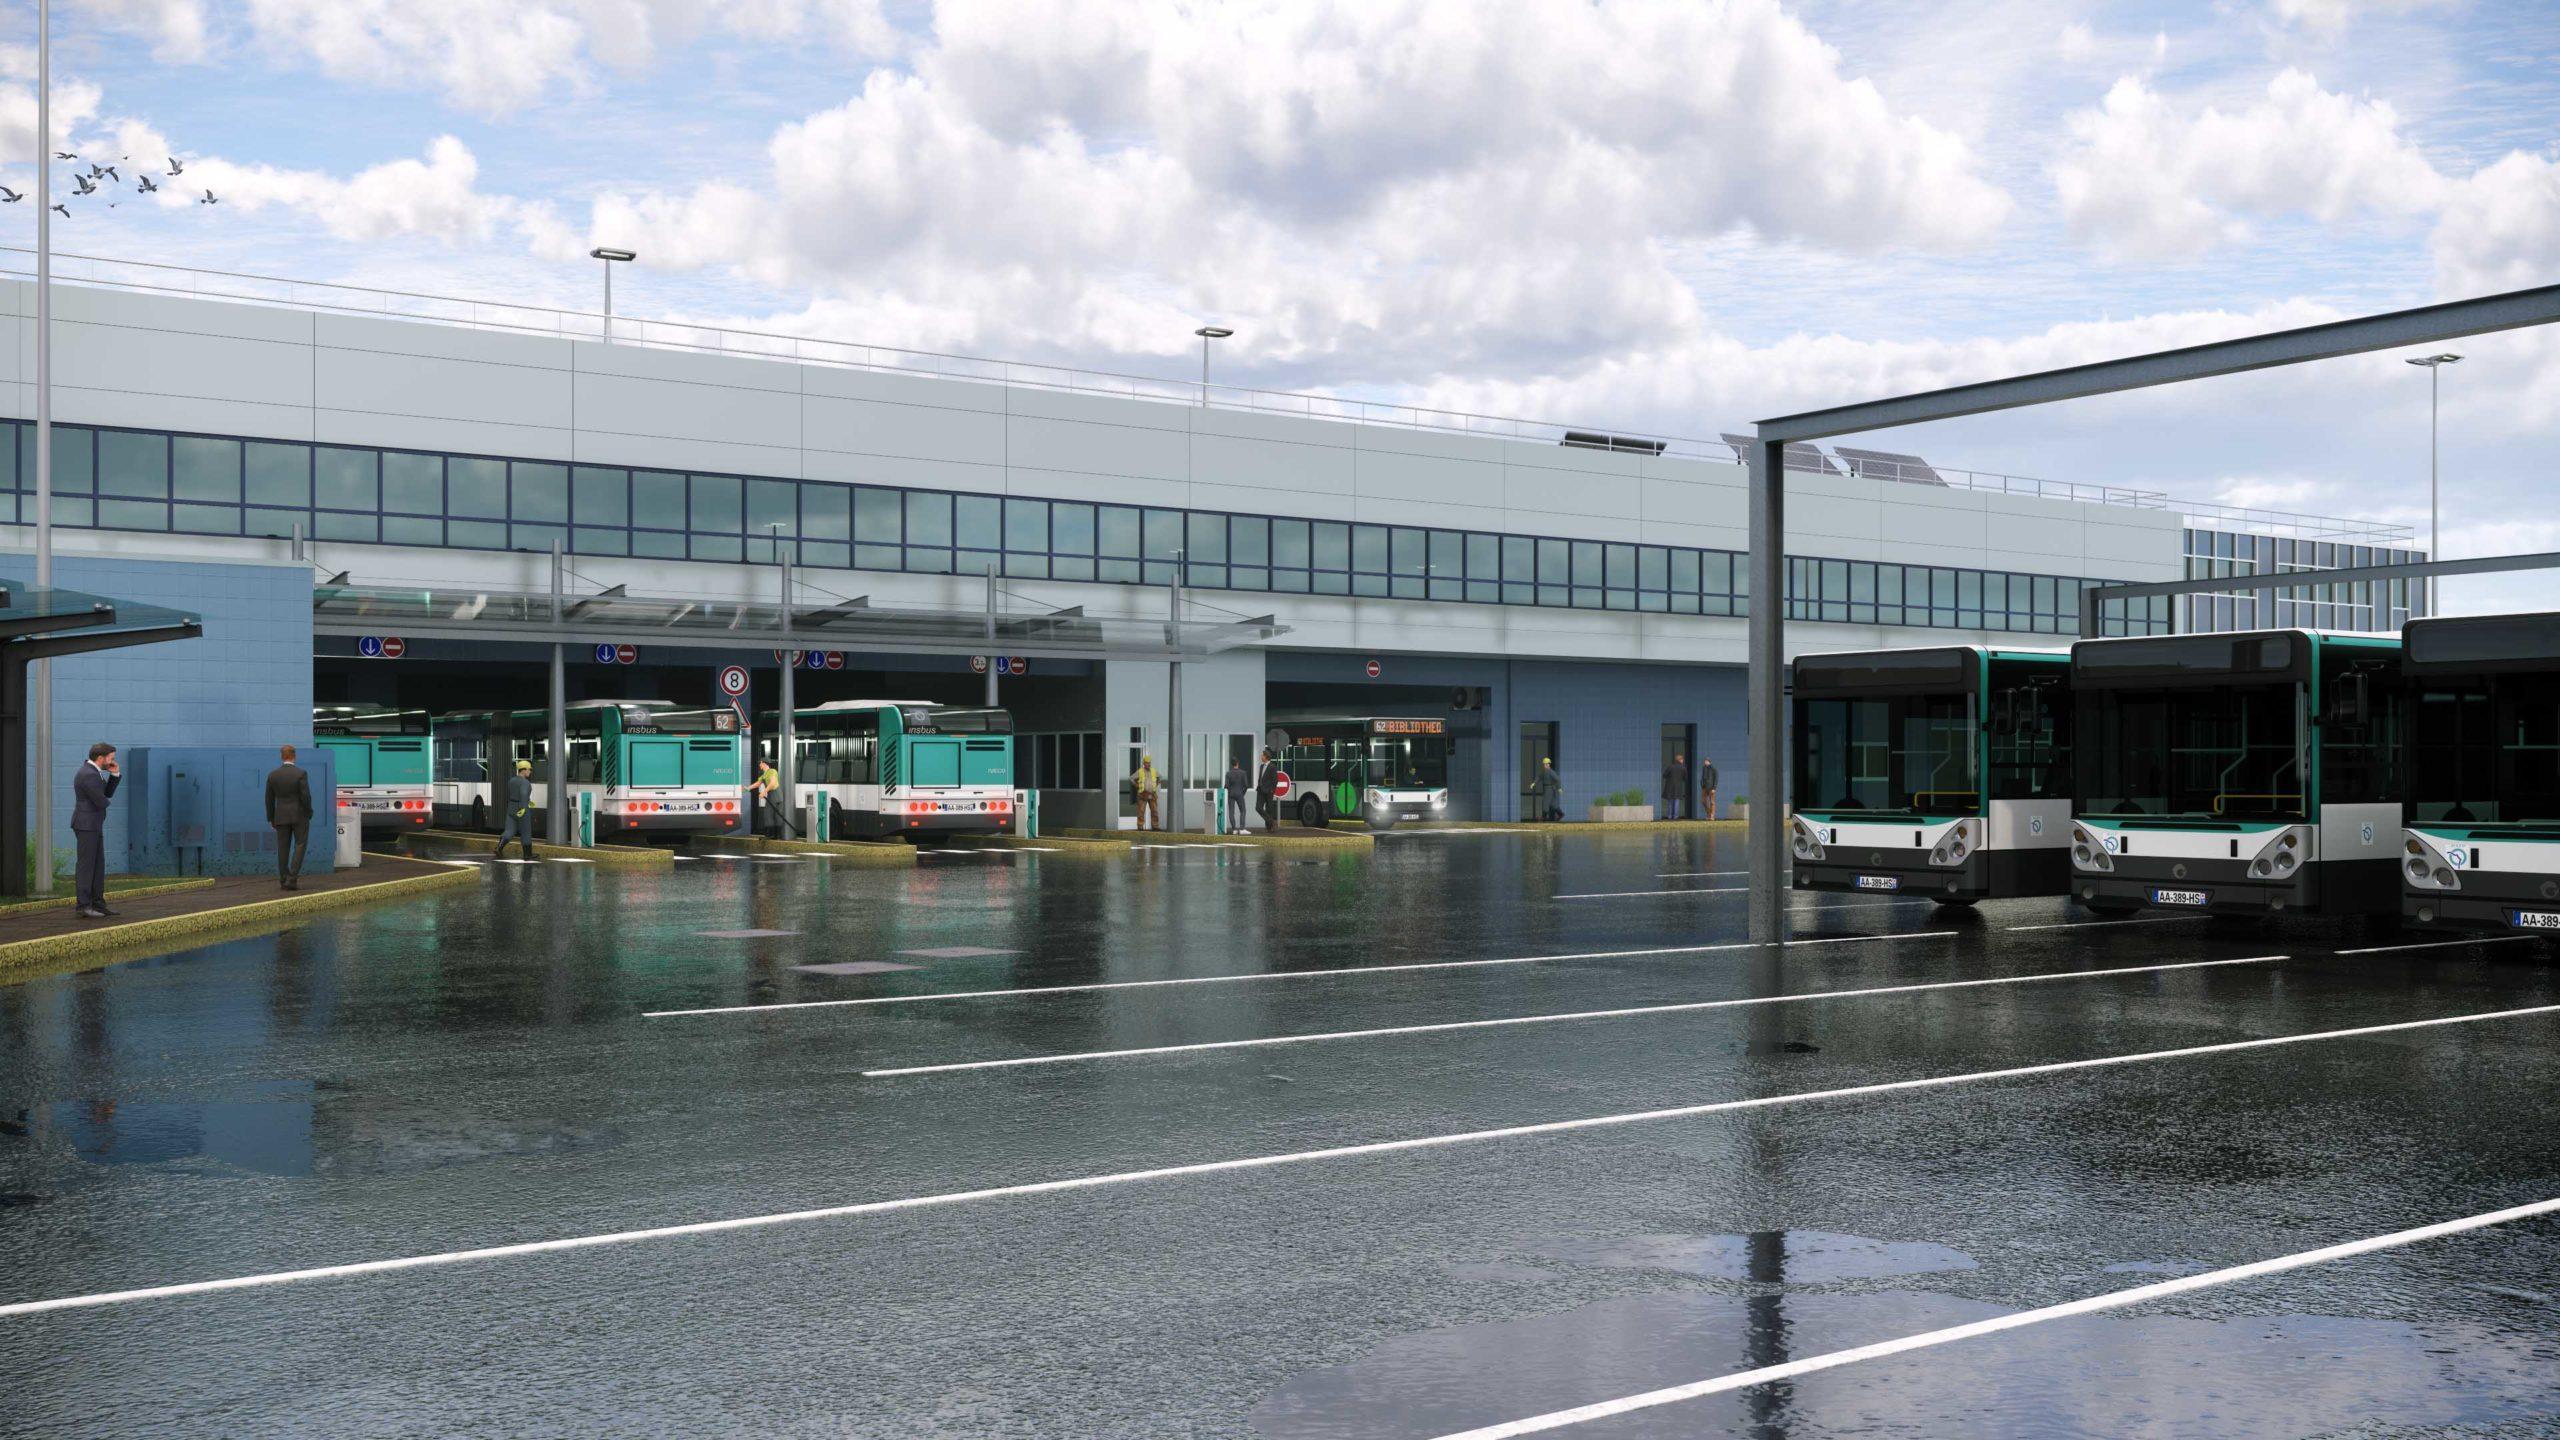 Dépôt bus Pavillons